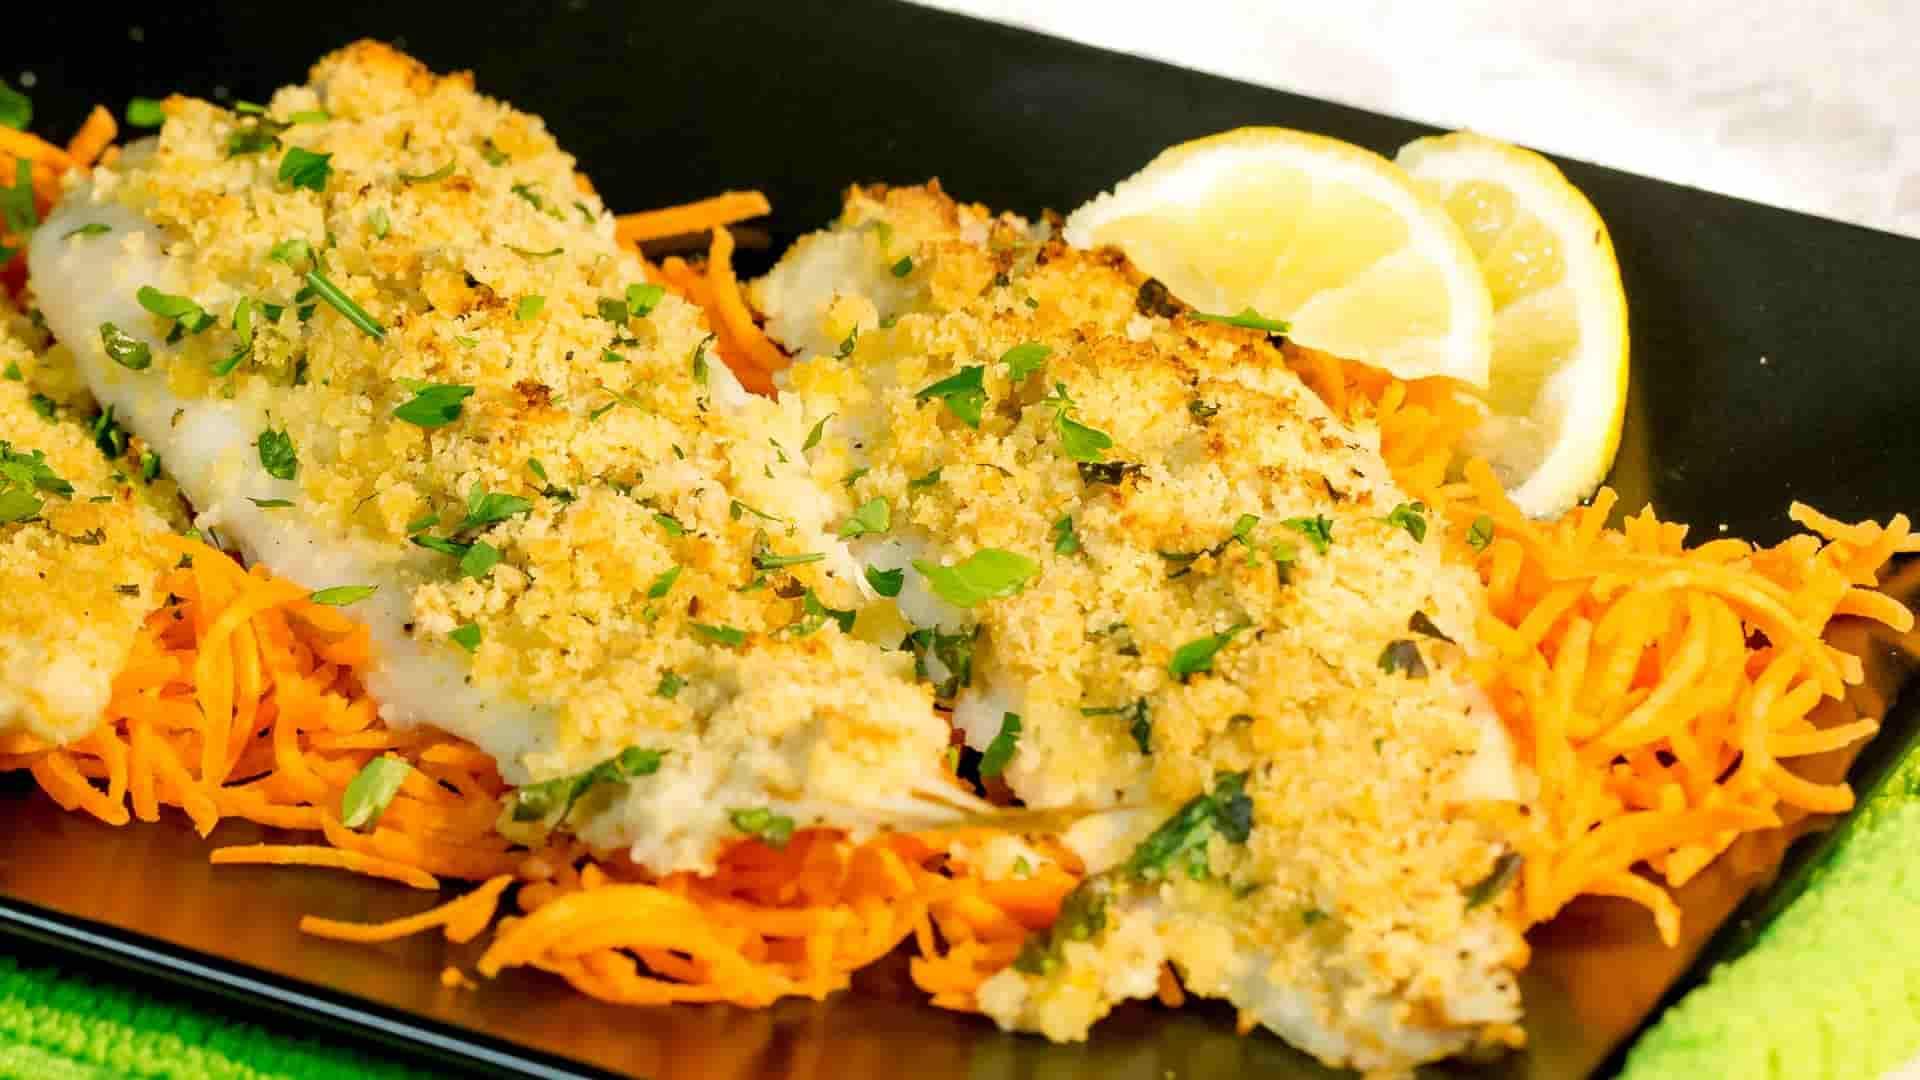 Cucina sana: filetti di merluzzo gratinati al forno